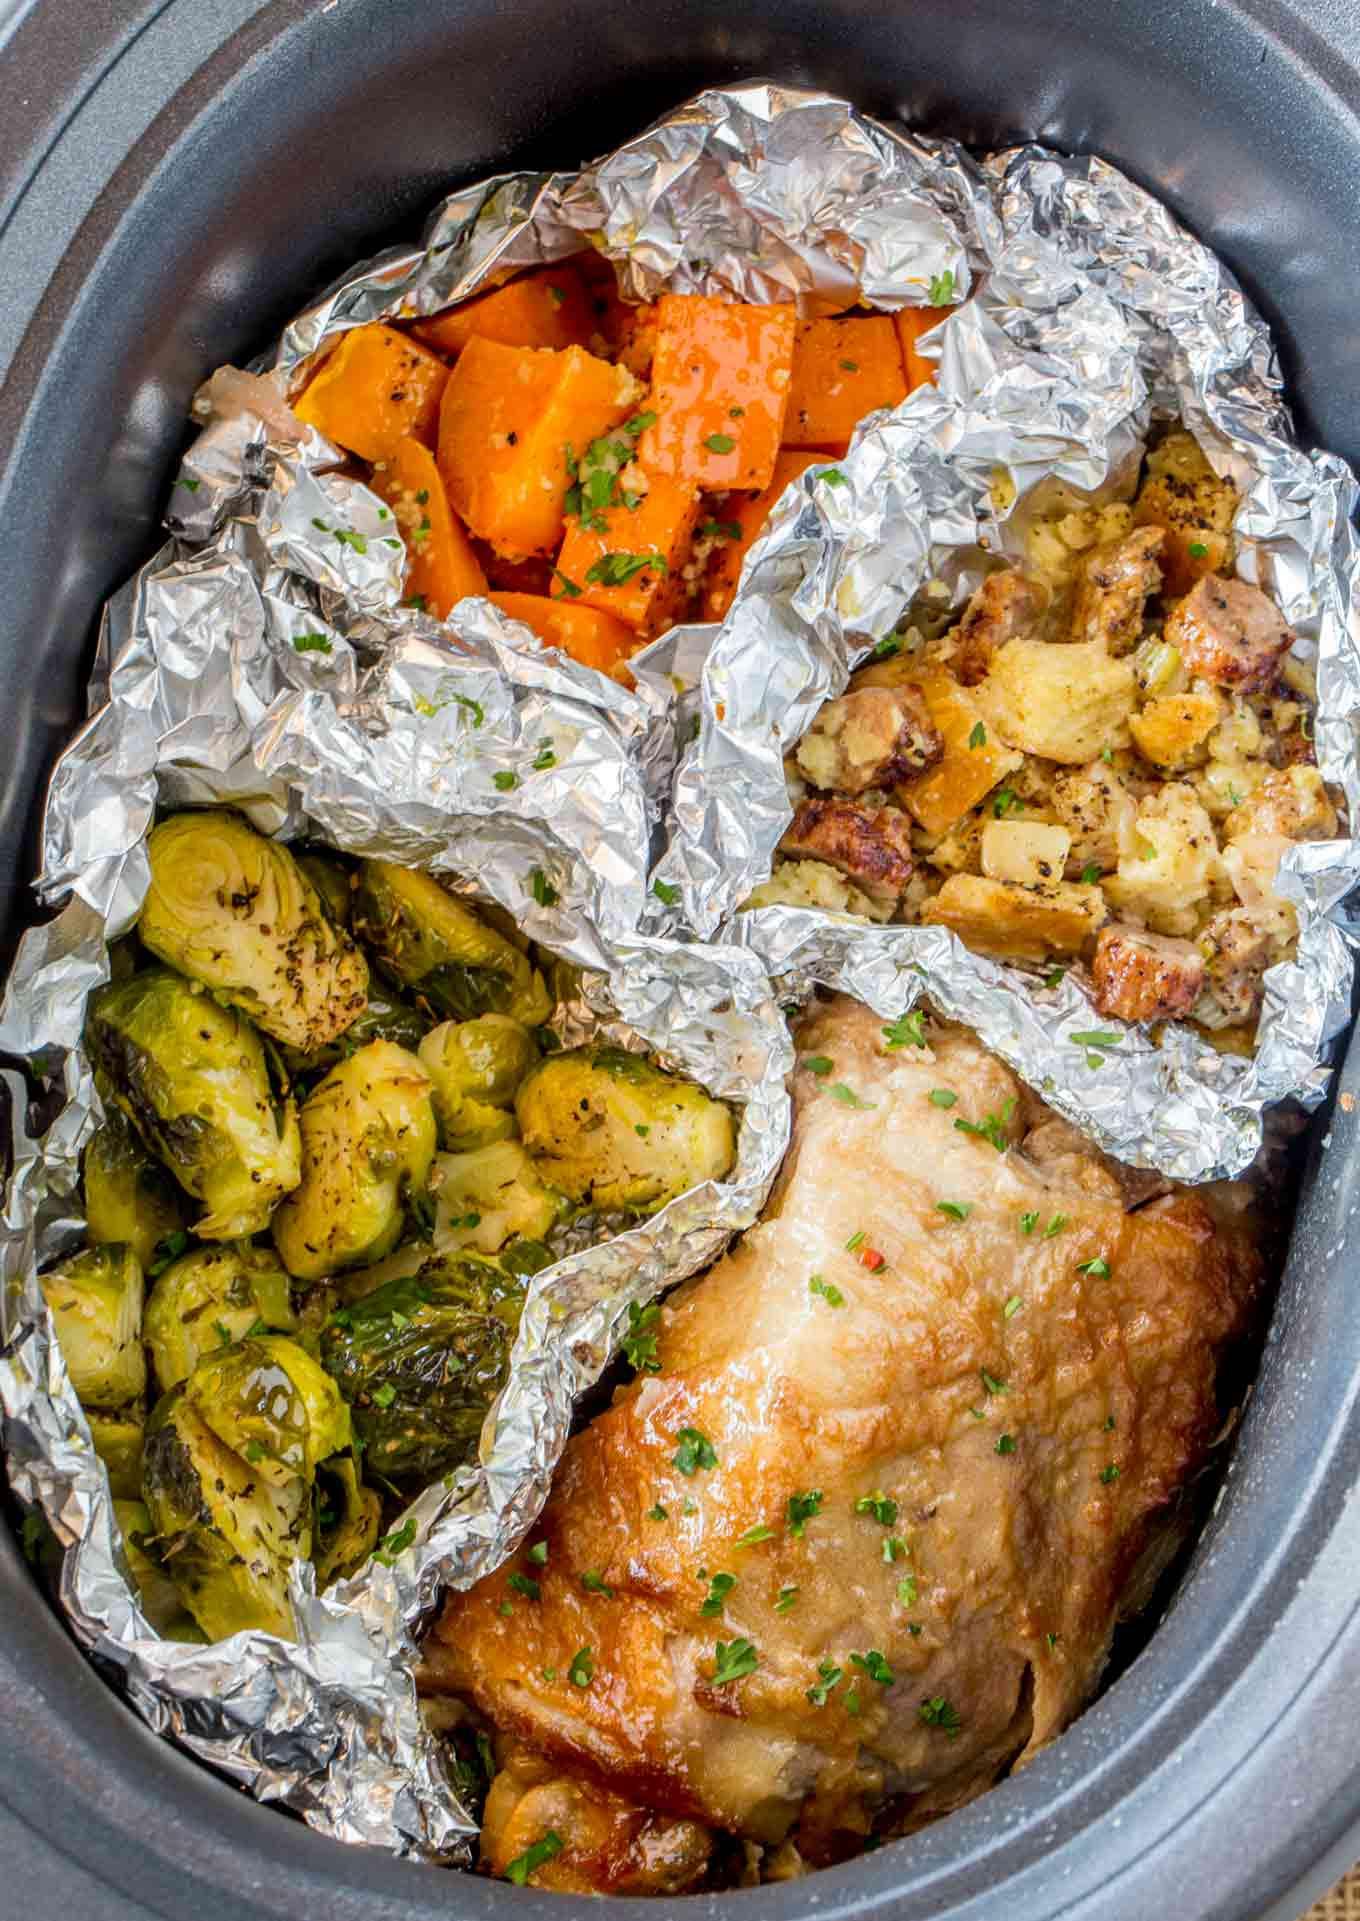 Idea For Thanksgiving Dinner  Slow Cooker Thanksgiving Dinner for 2 Dinner then